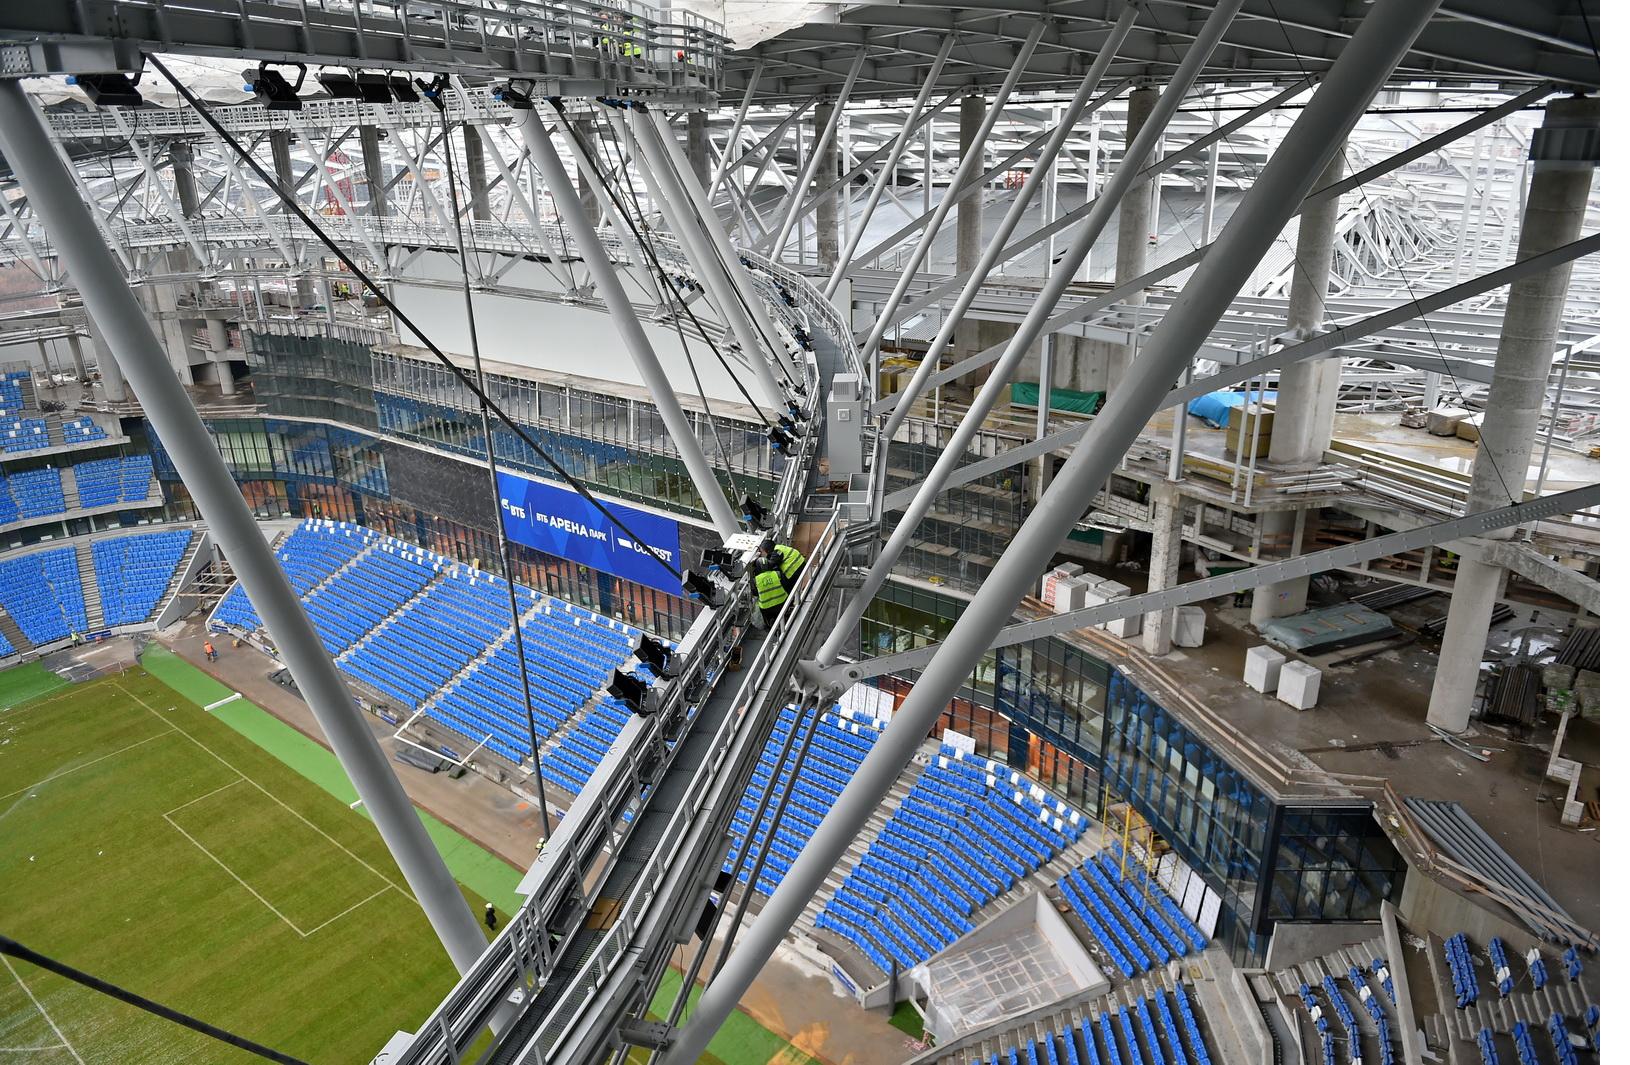 металлоконструкции-ст-машин-стадион-динамо.jpg